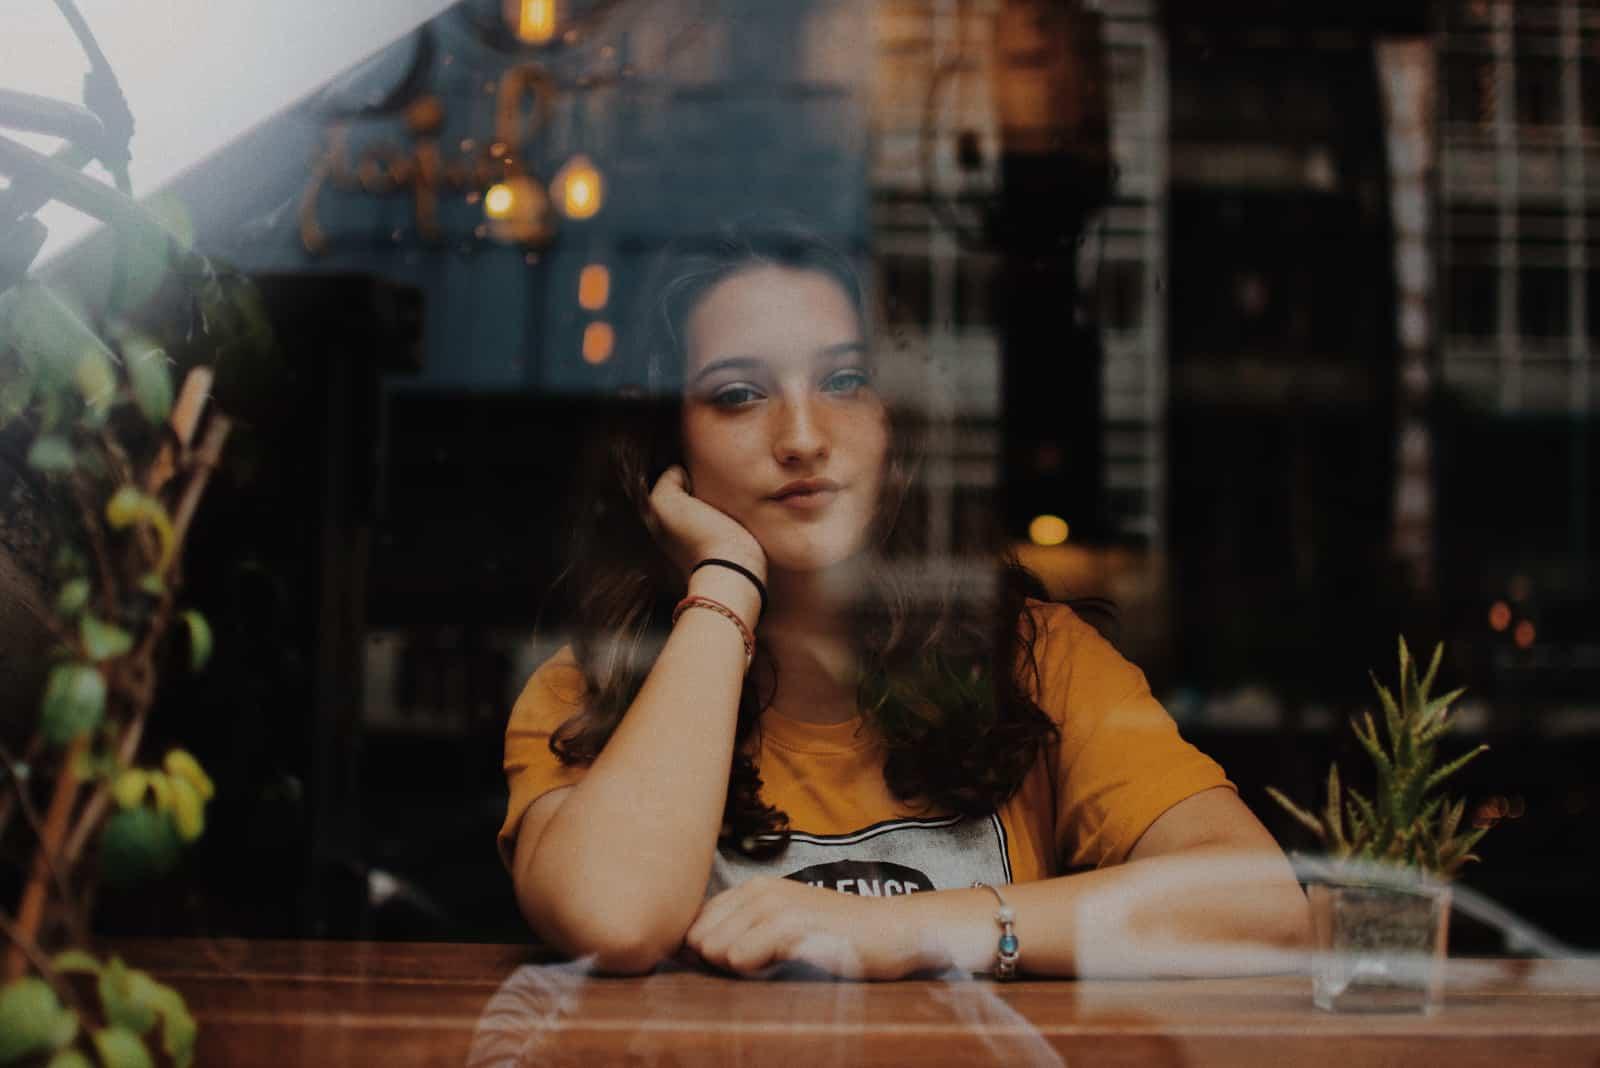 femme triste en t-shirt jaune appuyée sur une table